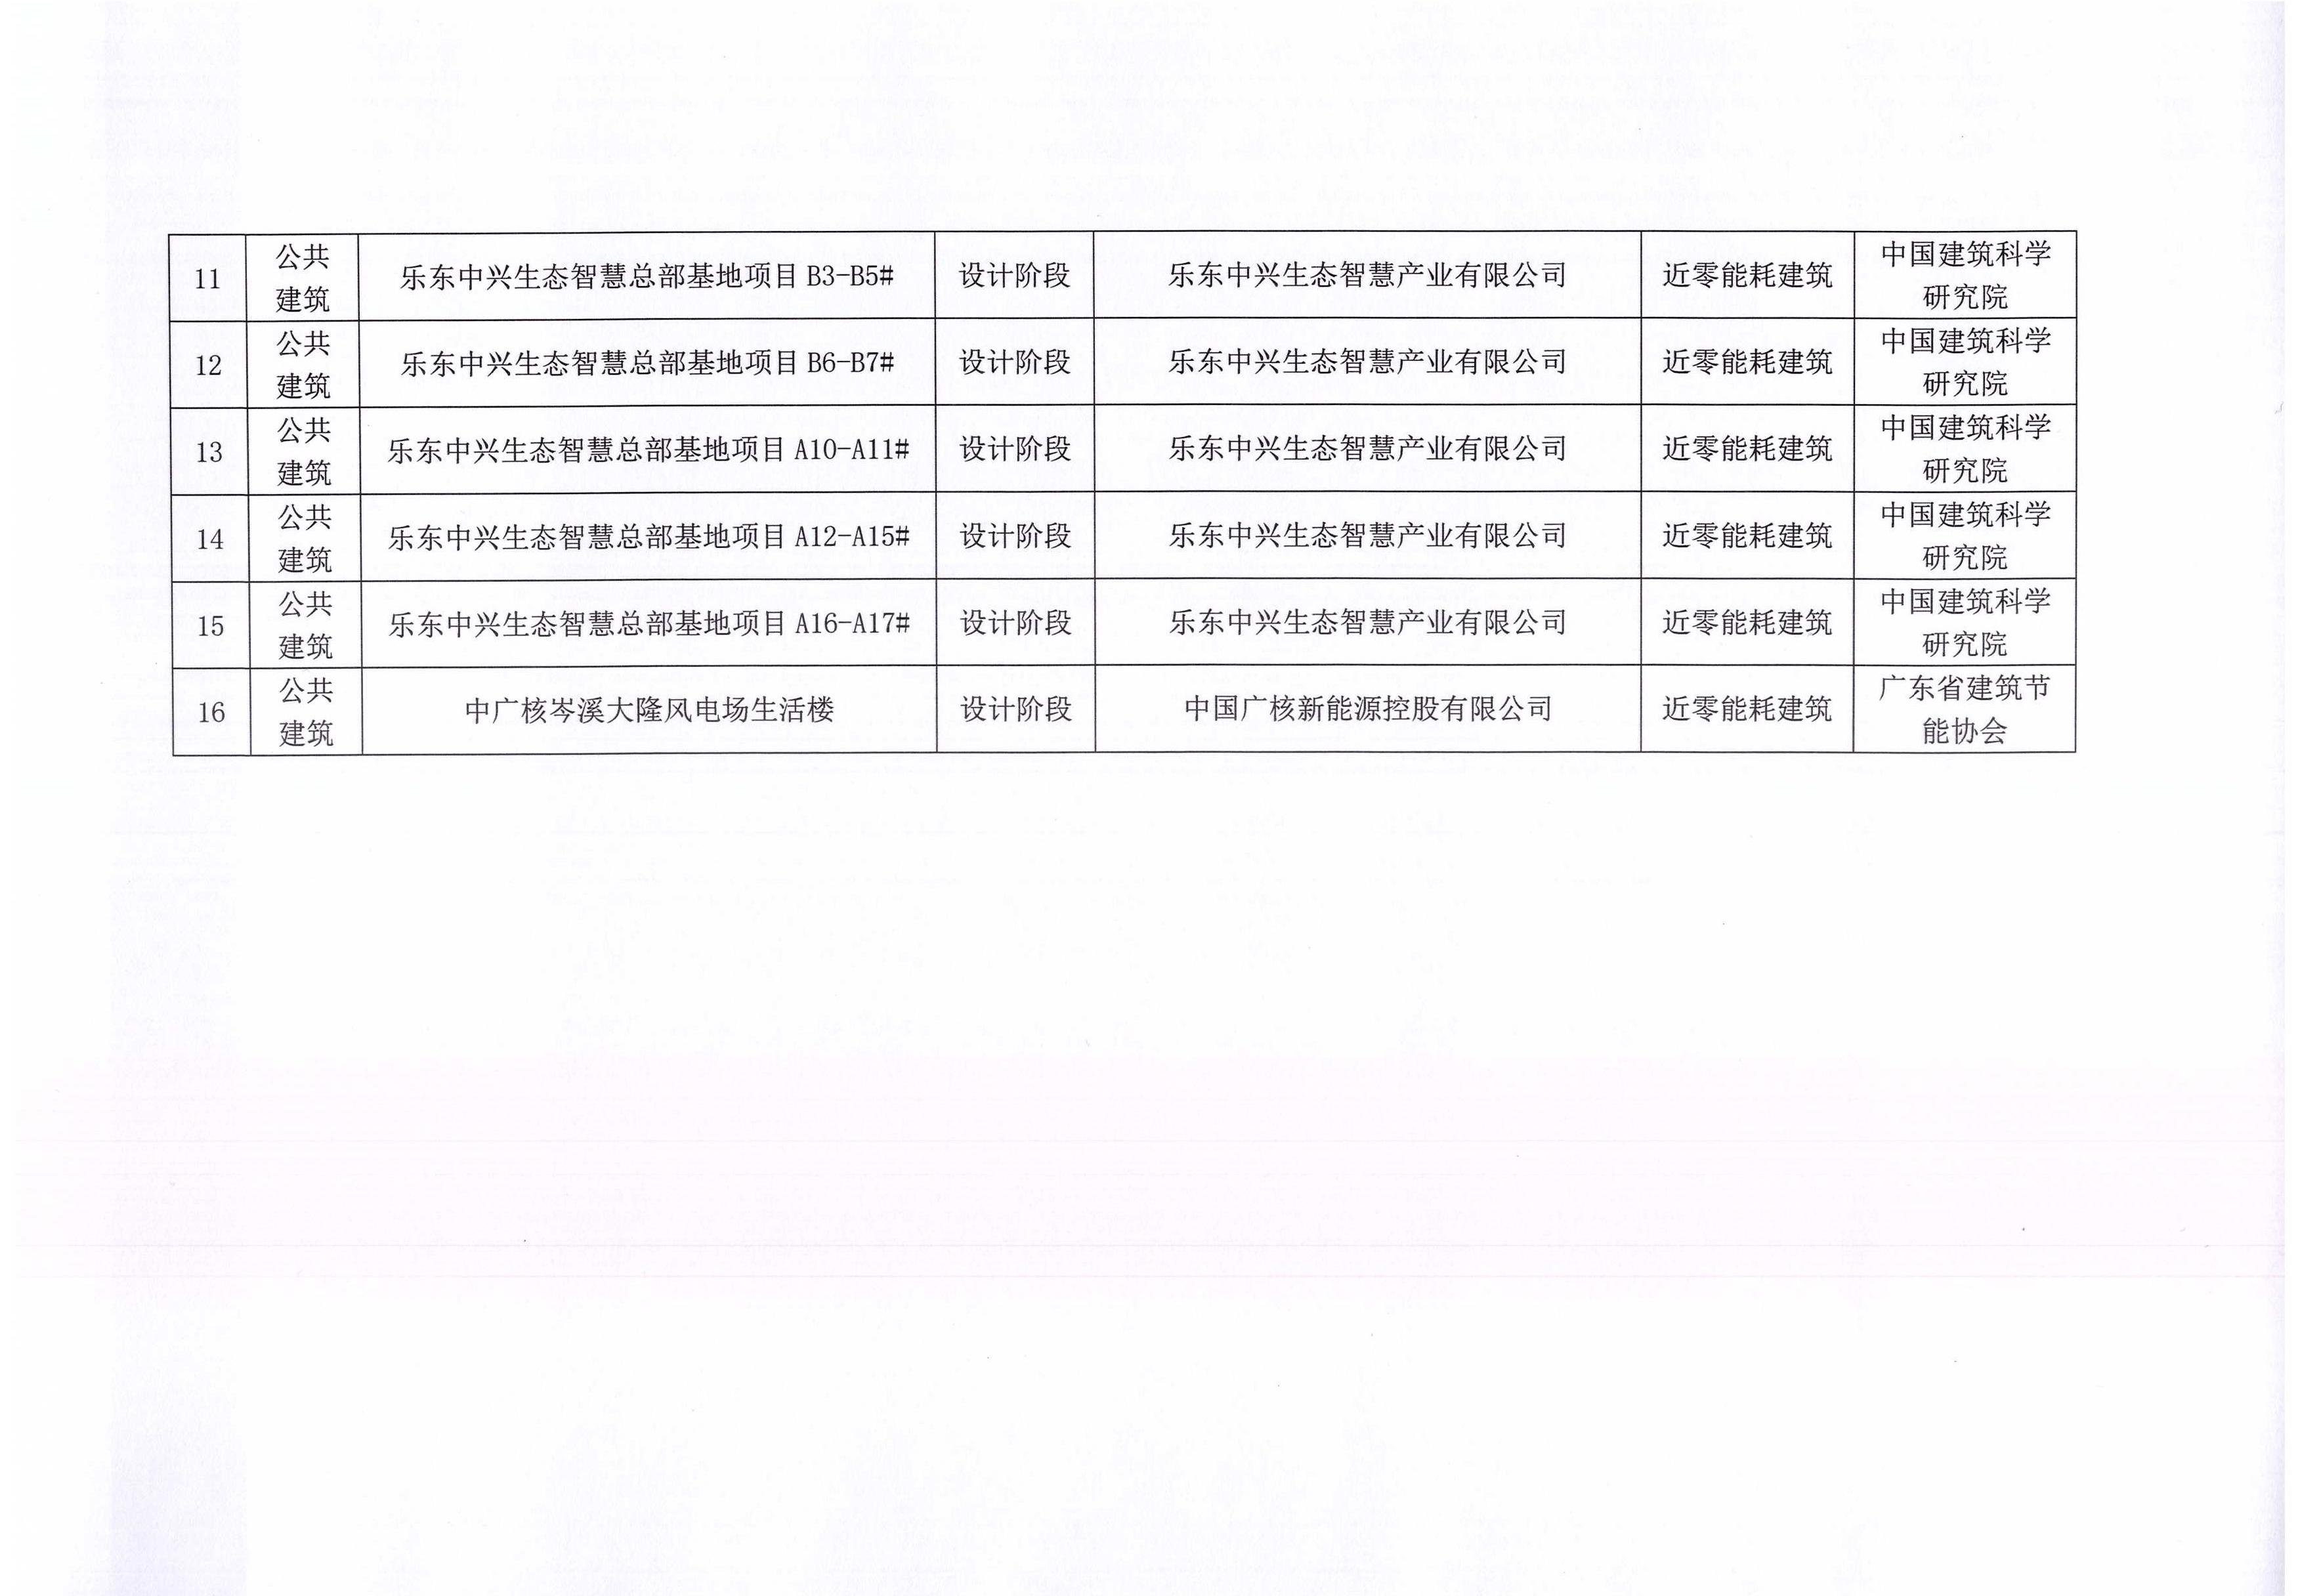 关于中国建筑节能协会第四批近零能耗建筑测评项目的公示(1)_页面_3.jpg